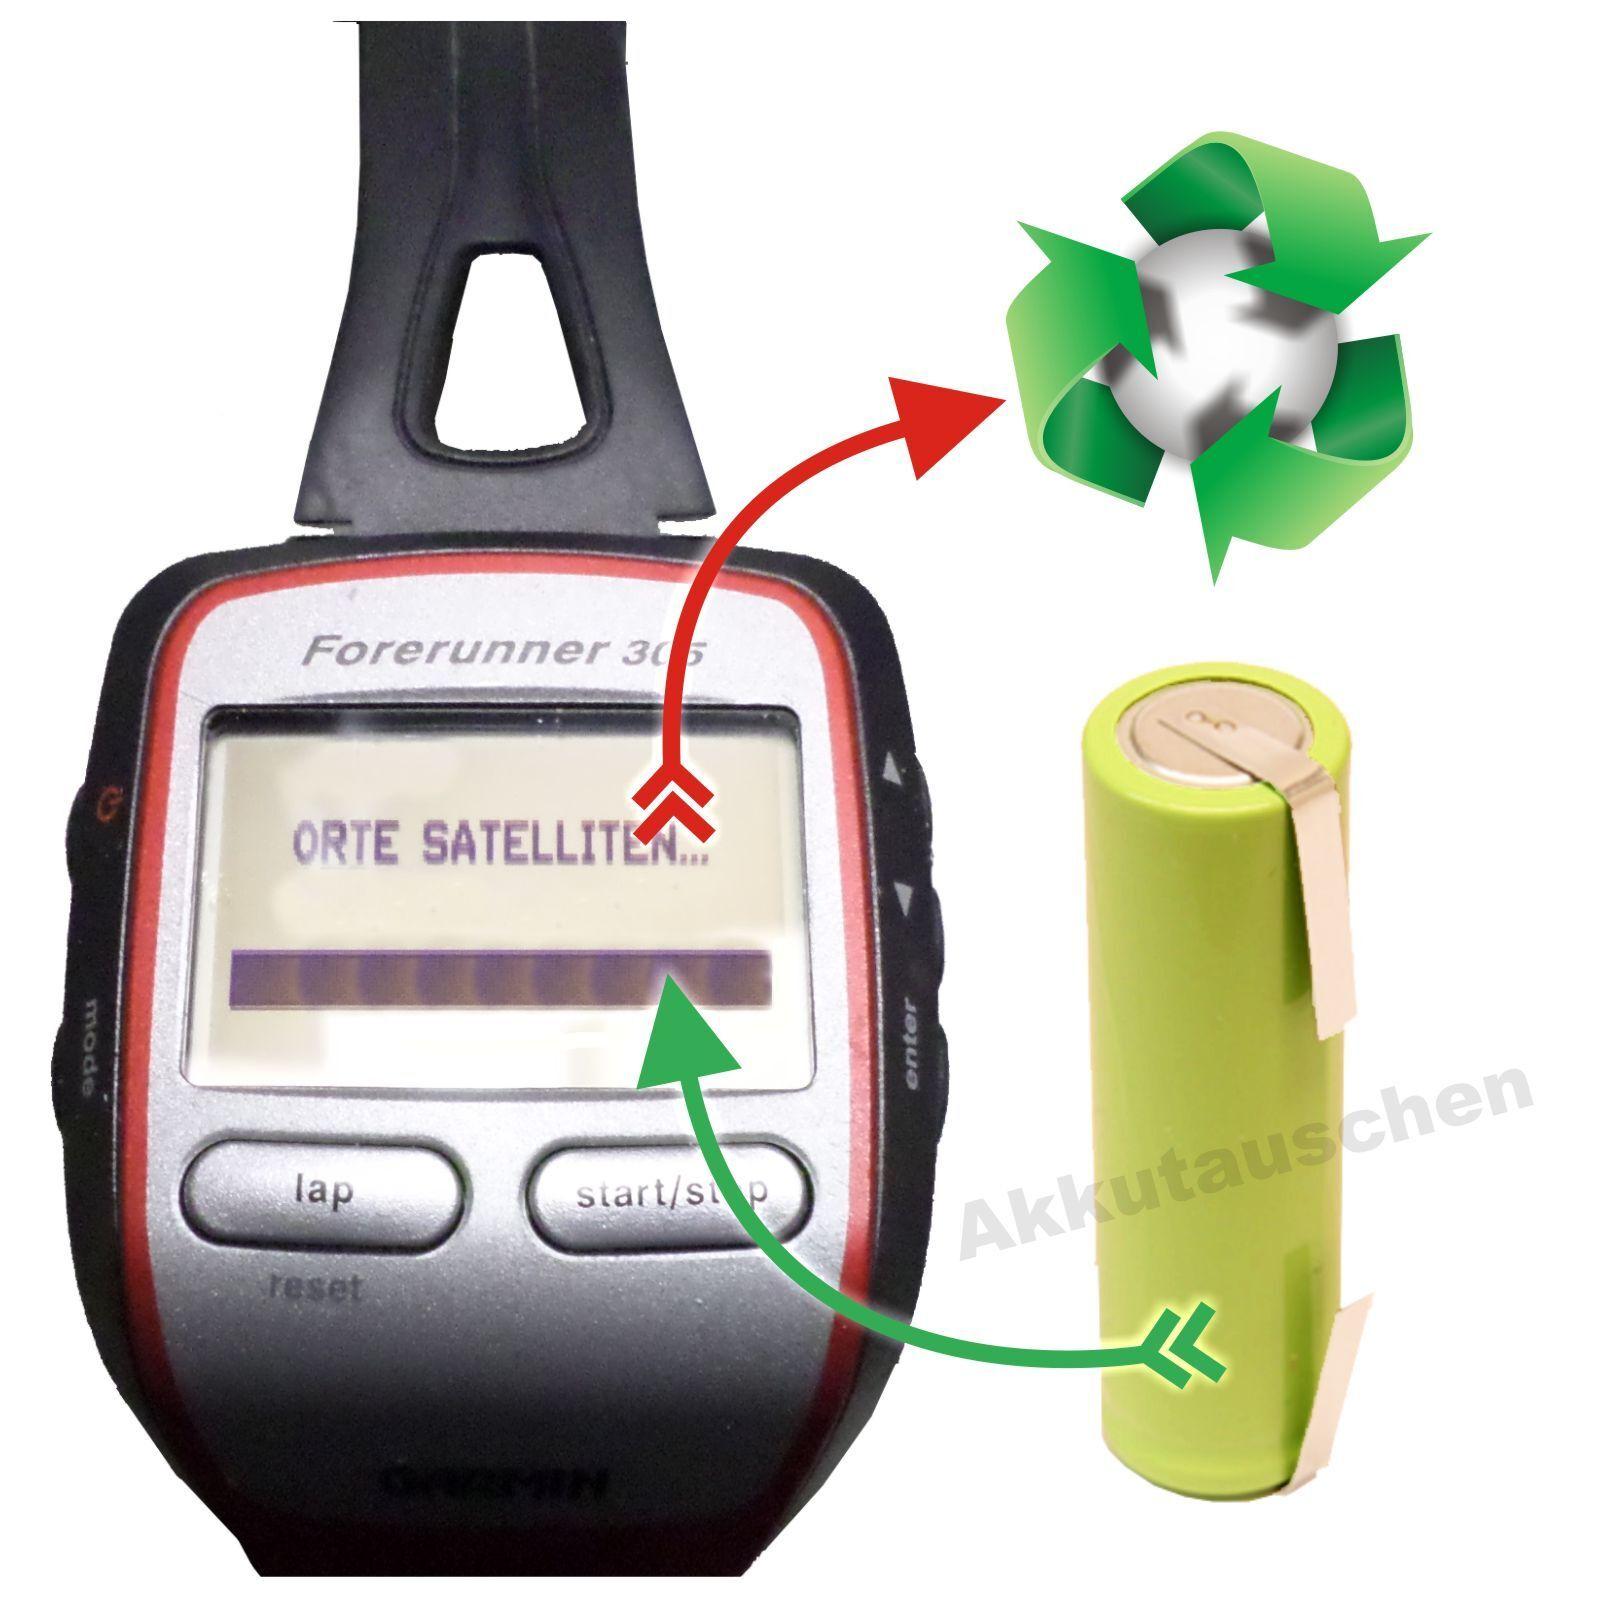 BATTERIA scambio cambio batteria battery exchange laufuhr GPS GPS laufuhr Garmin Forerunner 205/305 a2ea72